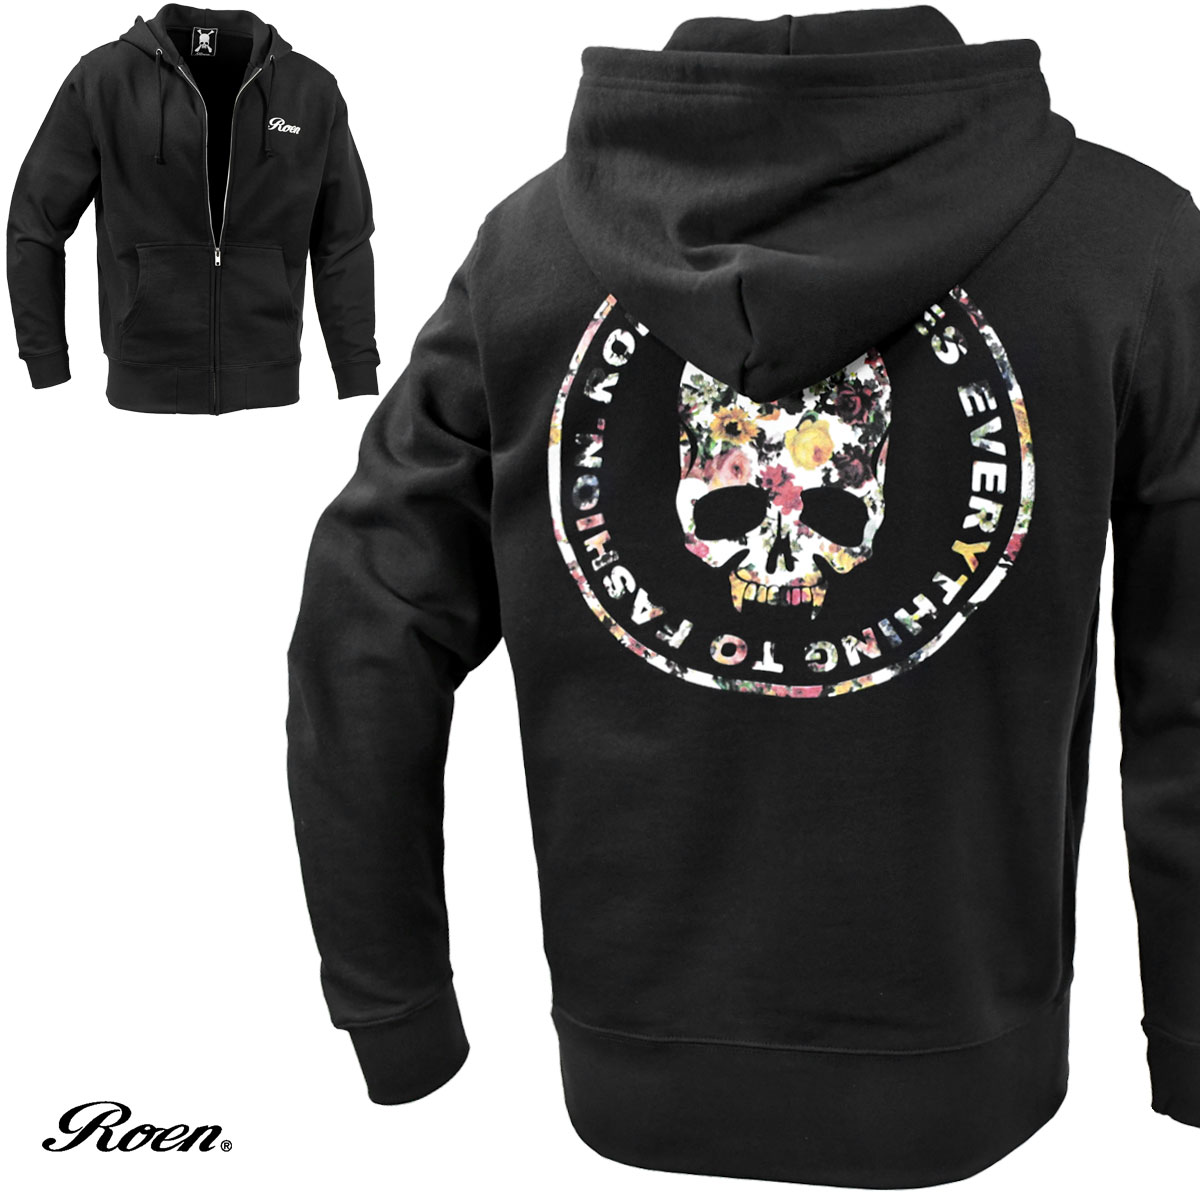 Roen ロエン ジップアップパーカー スカル 花柄 メンズ 長袖 ライトアウター(ブラック黒) 52047006